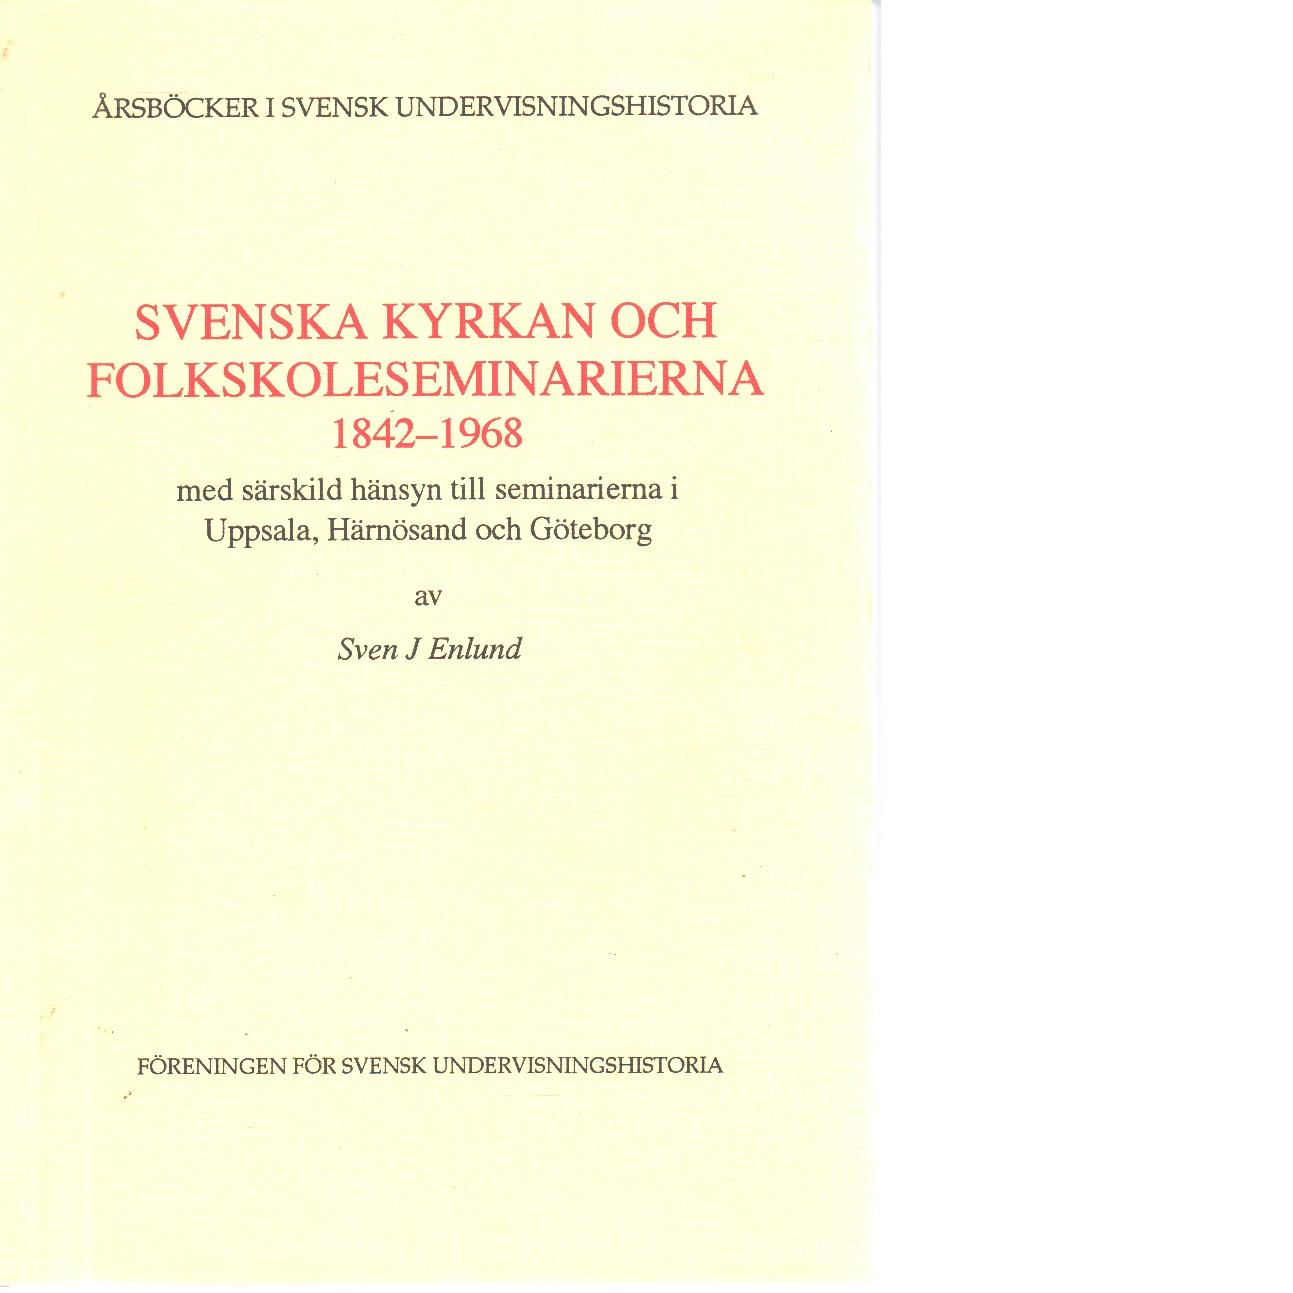 Svenska kyrkan och folkskoleseminarierna 1842-1968 - Enlund, Sven J.